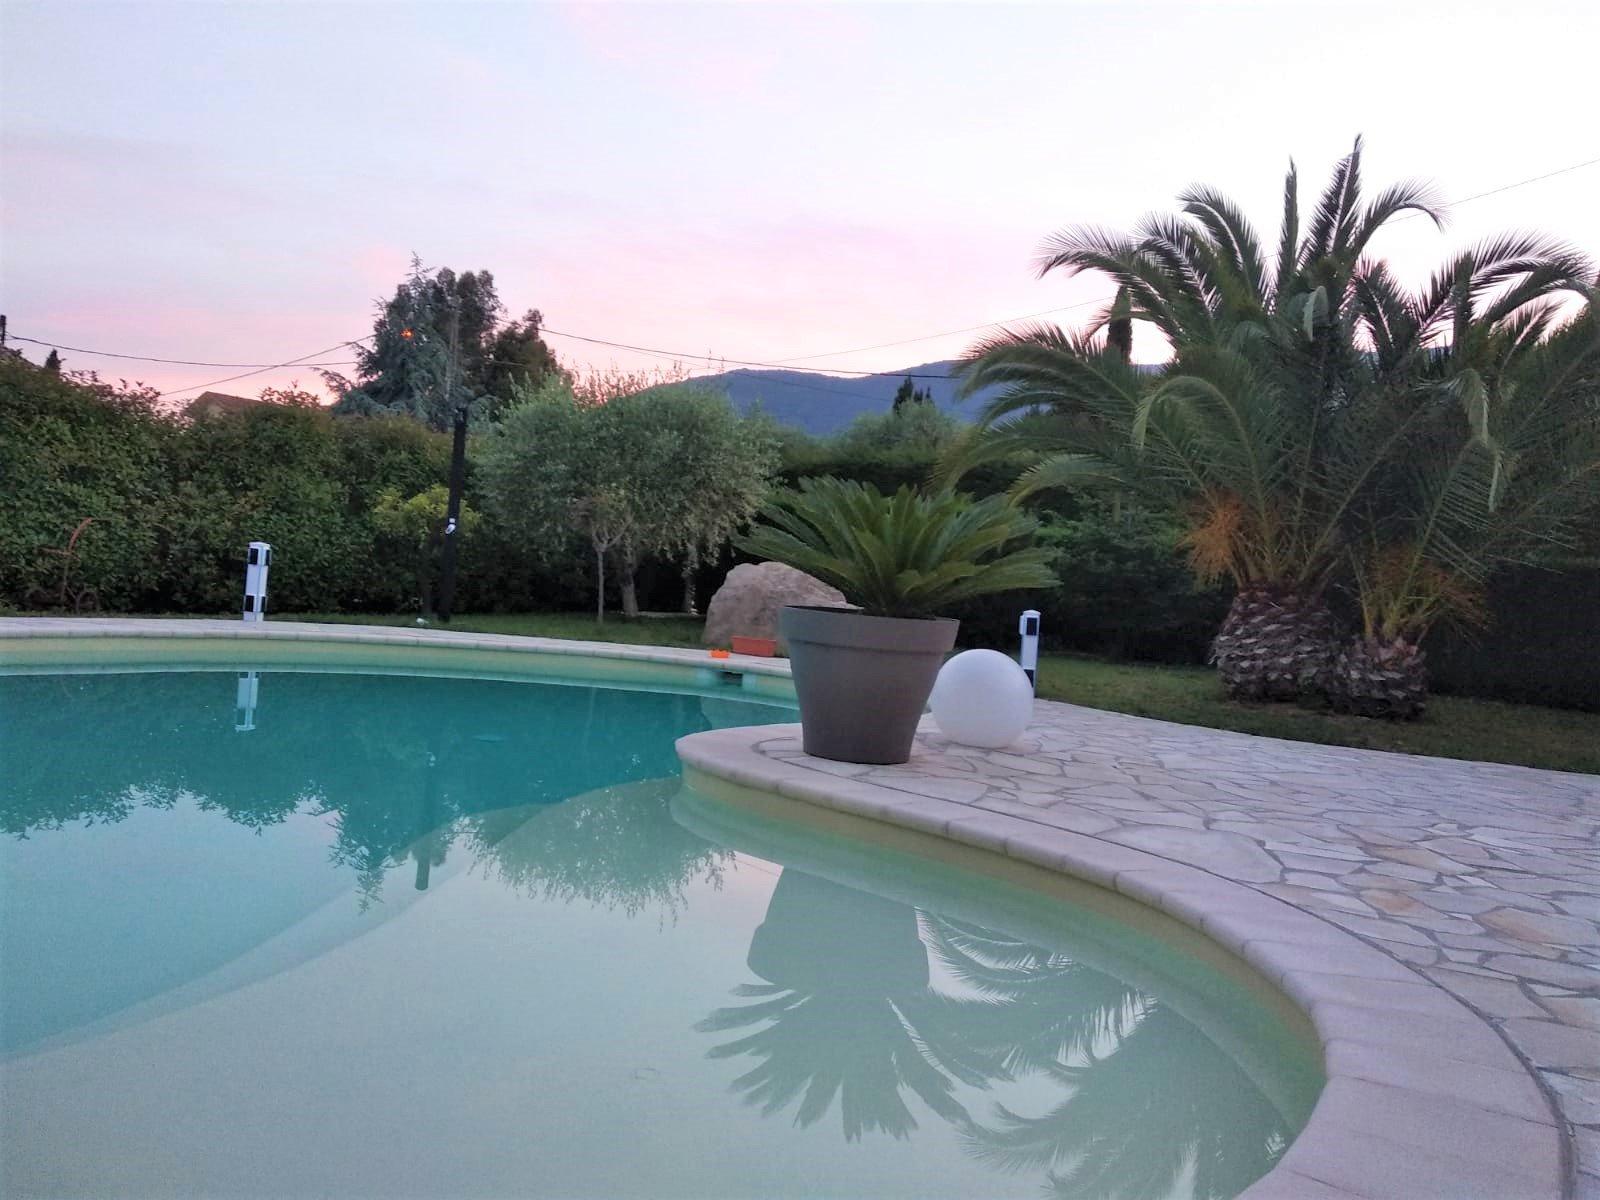 Carros Les Plans (06510) - Villa Individuelle - Piscine encequiconcerne Piscine Carros